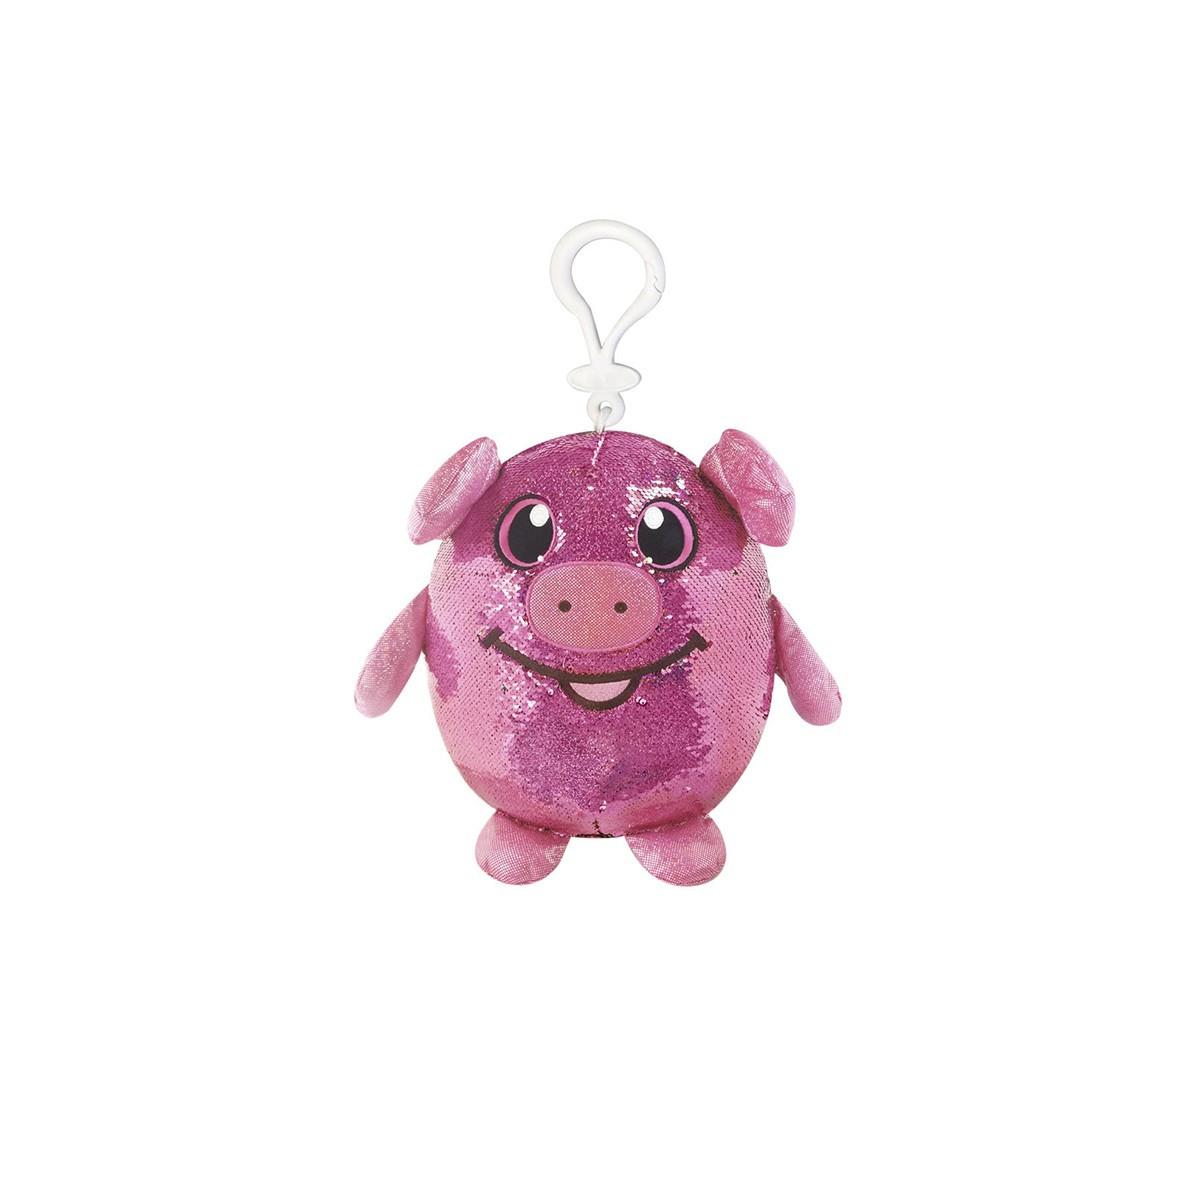 М'яка іграшка з паєтками Shimmeez Кумедна свинка 9 см